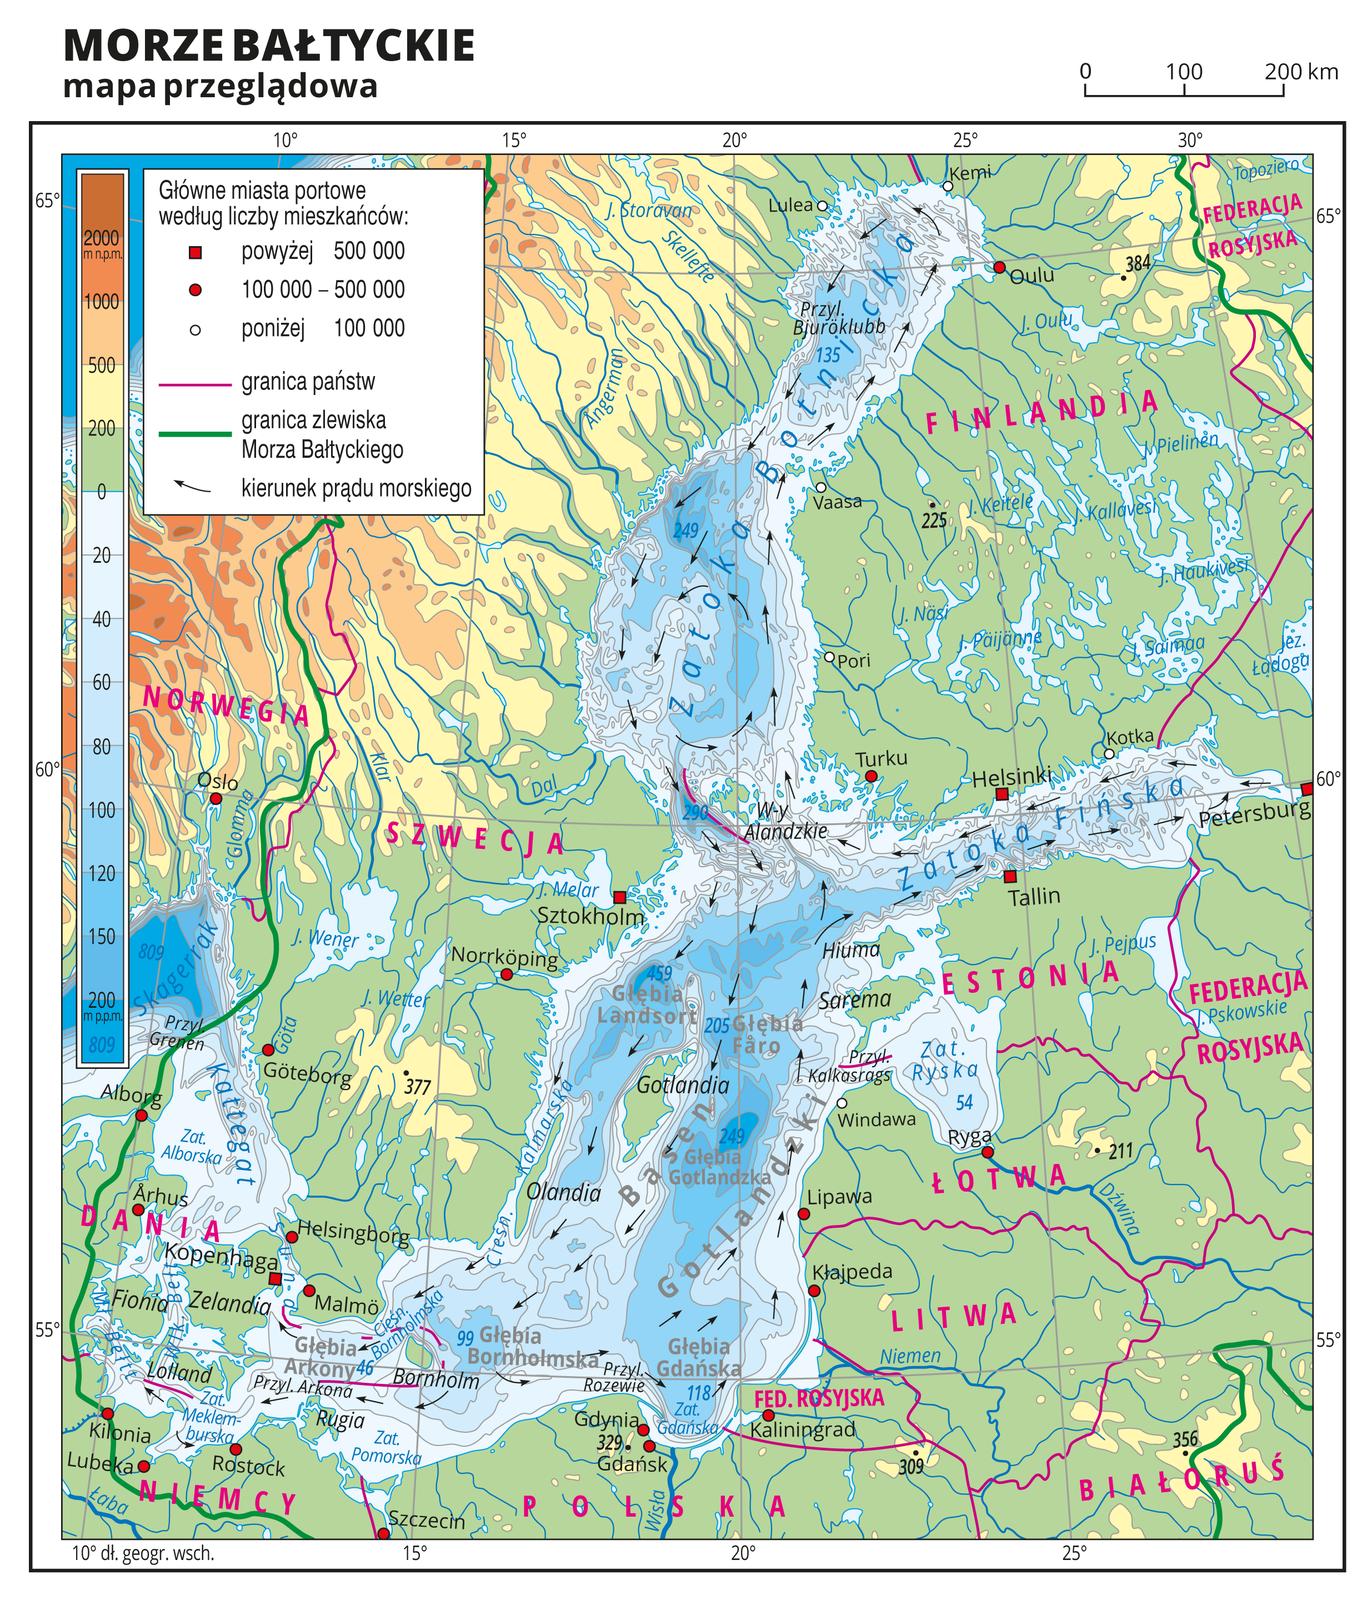 Ilustracja przedstawia mapę przeglądową Morza Bałtyckiego. Na mapie hipsometrycznej zprzewagą obszarów nizinnych wkolorze zielonym opisano nazwy wysp, państw, mórz, zatok, cieśnin, rzek ijezior. Oznaczono iopisano miasta, wyróżniono stolice. Czerwonymi liniami zaznaczono granice państw, azieloną linią oznaczono granicę zlewiska Morza Bałtyckiego. Wobrębie Morza Bałtyckiego oznaczono strzałkami kierunek prądów morskich iopisano nazwy głębi ibasenów. Wwybranych miejscach opisano głębokości. Mapa pokryta jest równoleżnikami ipołudnikami. Dookoła mapy wbiałej ramce opisano współrzędne geograficzne co pięć stopni. Wlegendzie umieszczono iopisano znaki ikolory użyte na mapie.